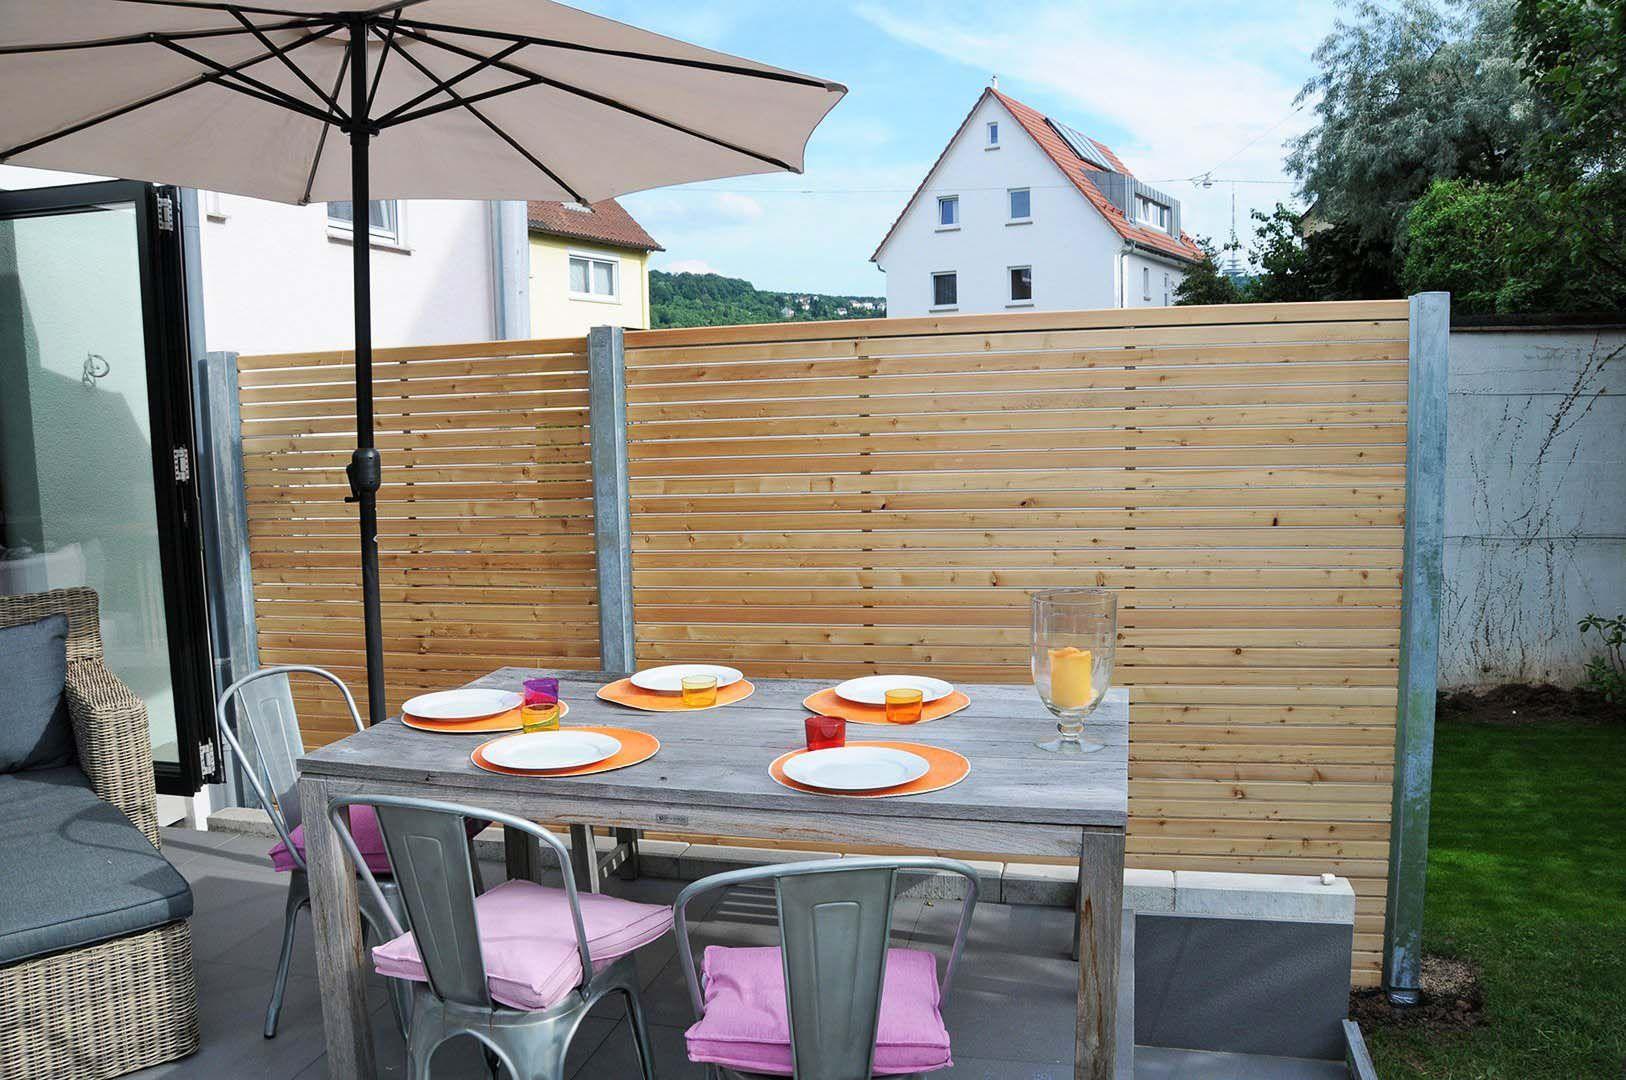 Sichtschutzzaun Holz Metall Verzinkt Larche Hohe Grau Weiss Aus Holz